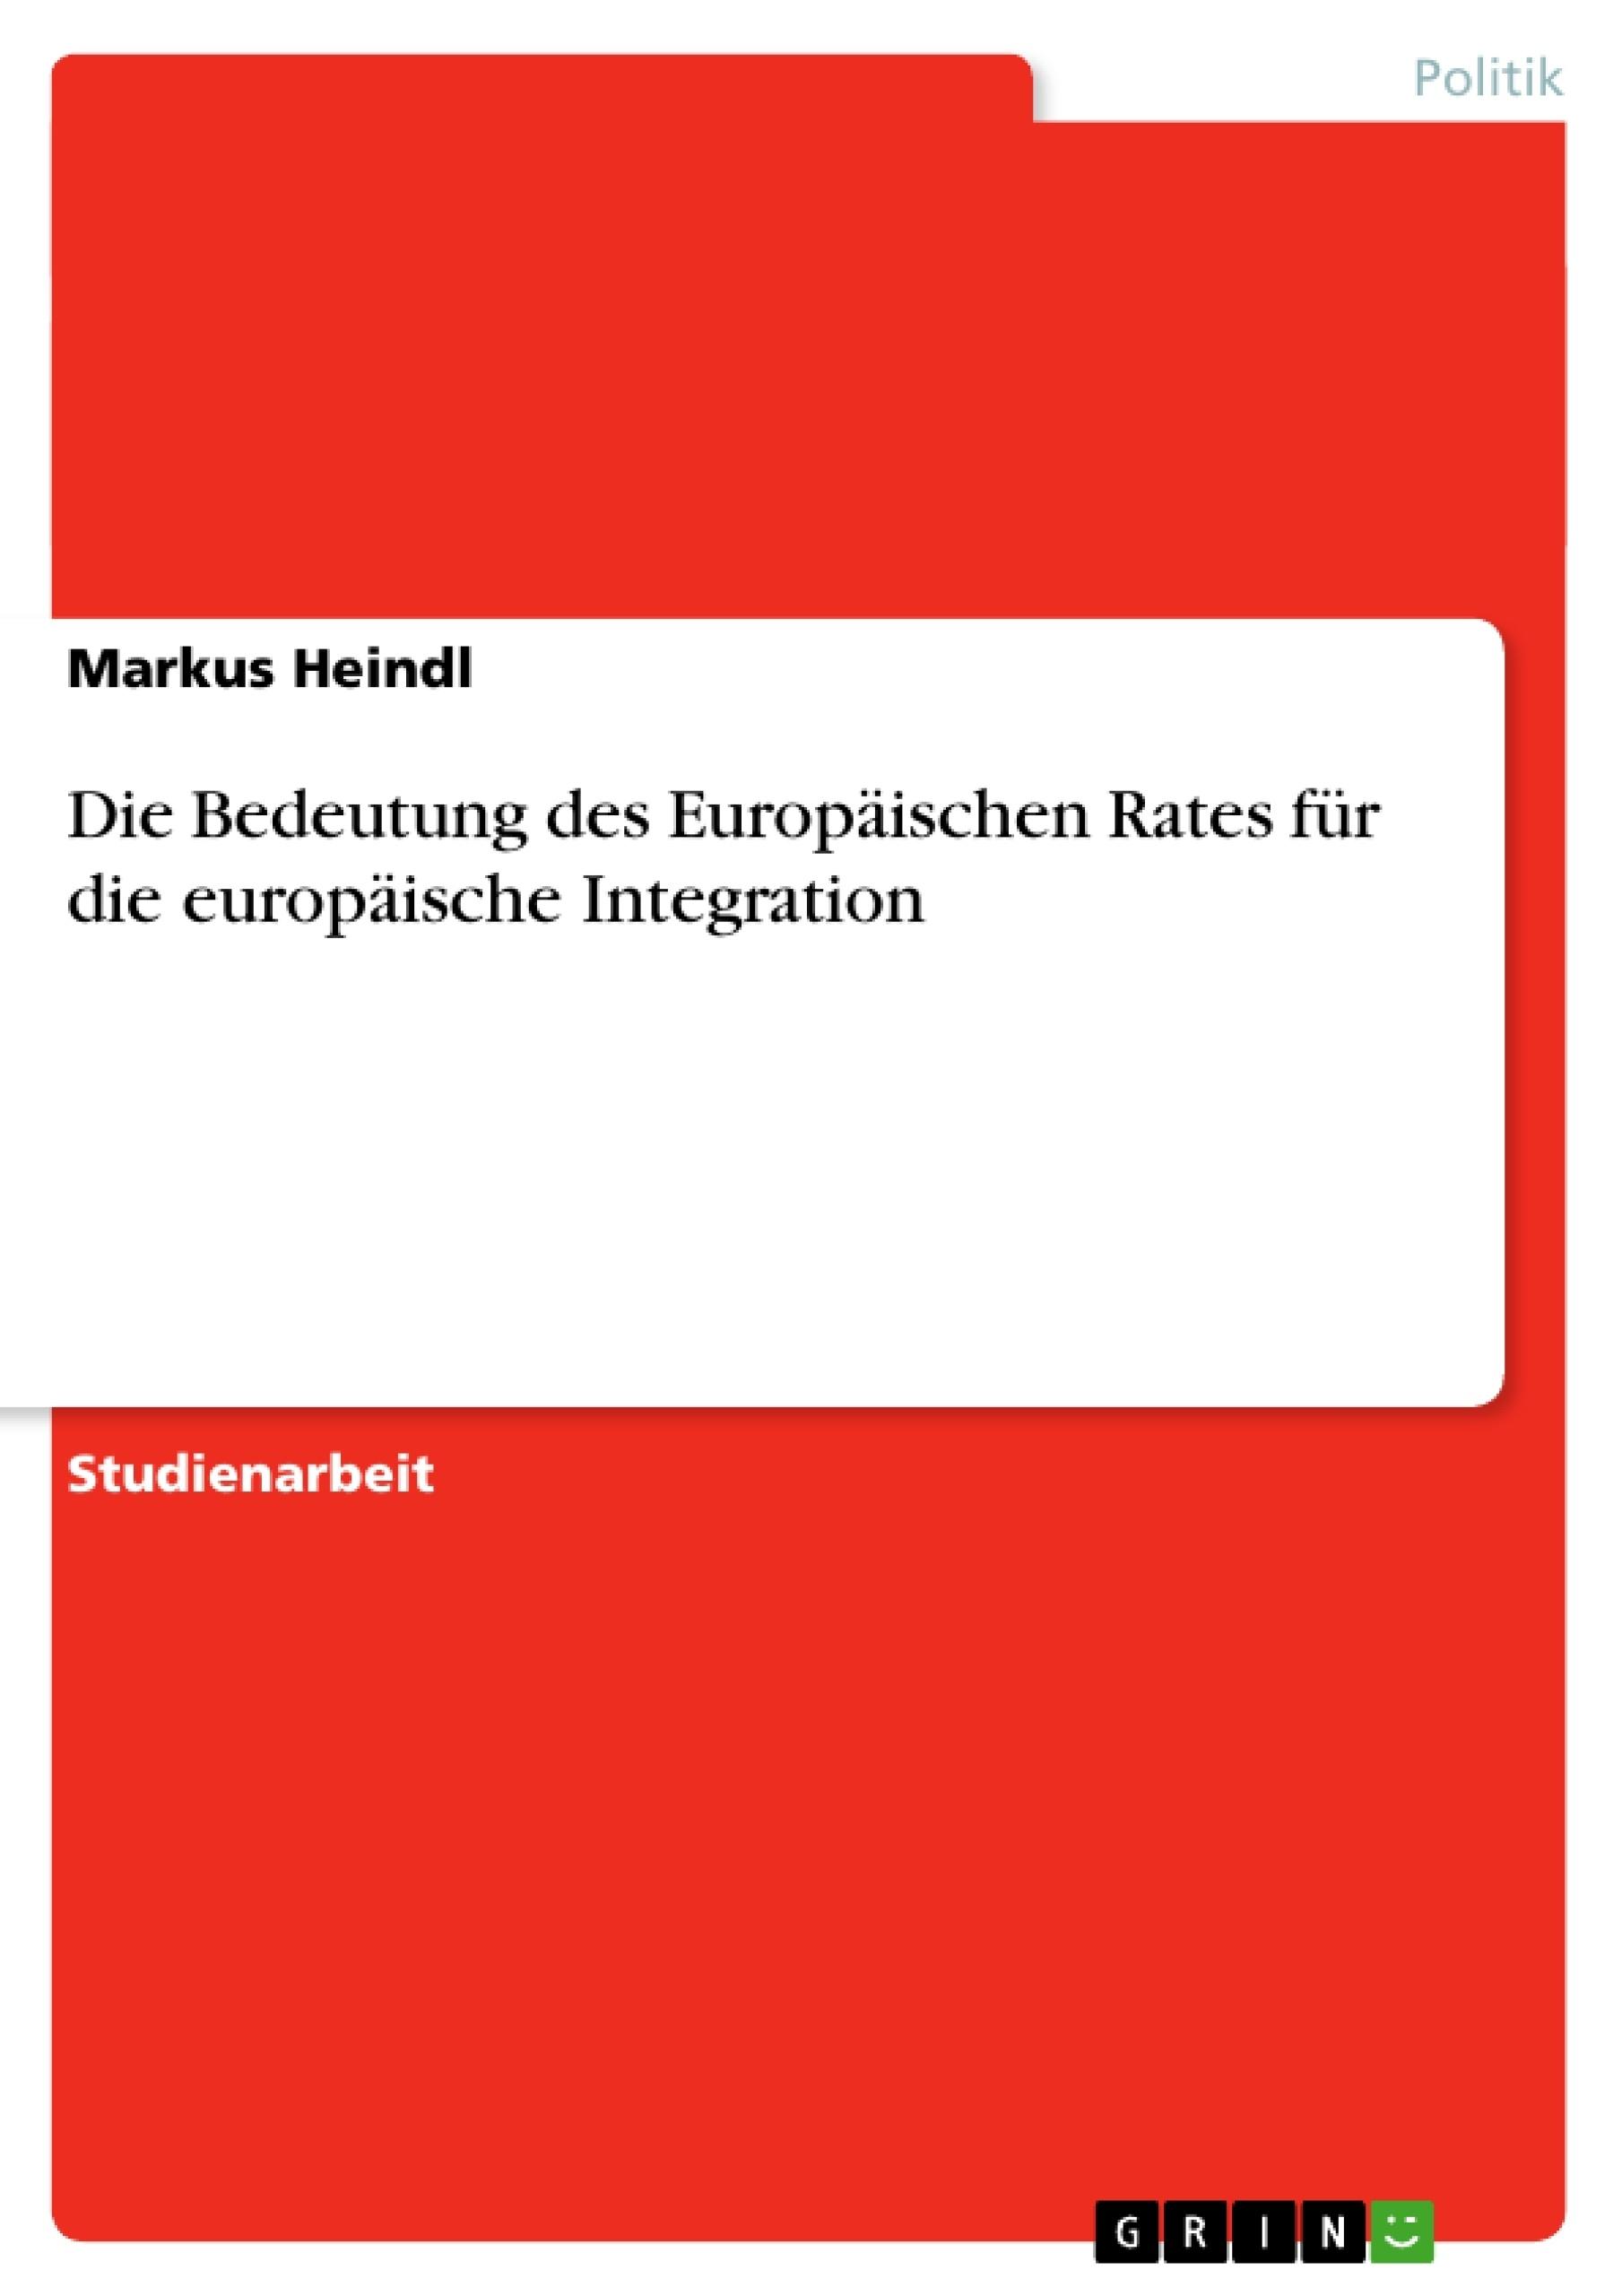 Titel: Die Bedeutung des Europäischen Rates für die europäische Integration